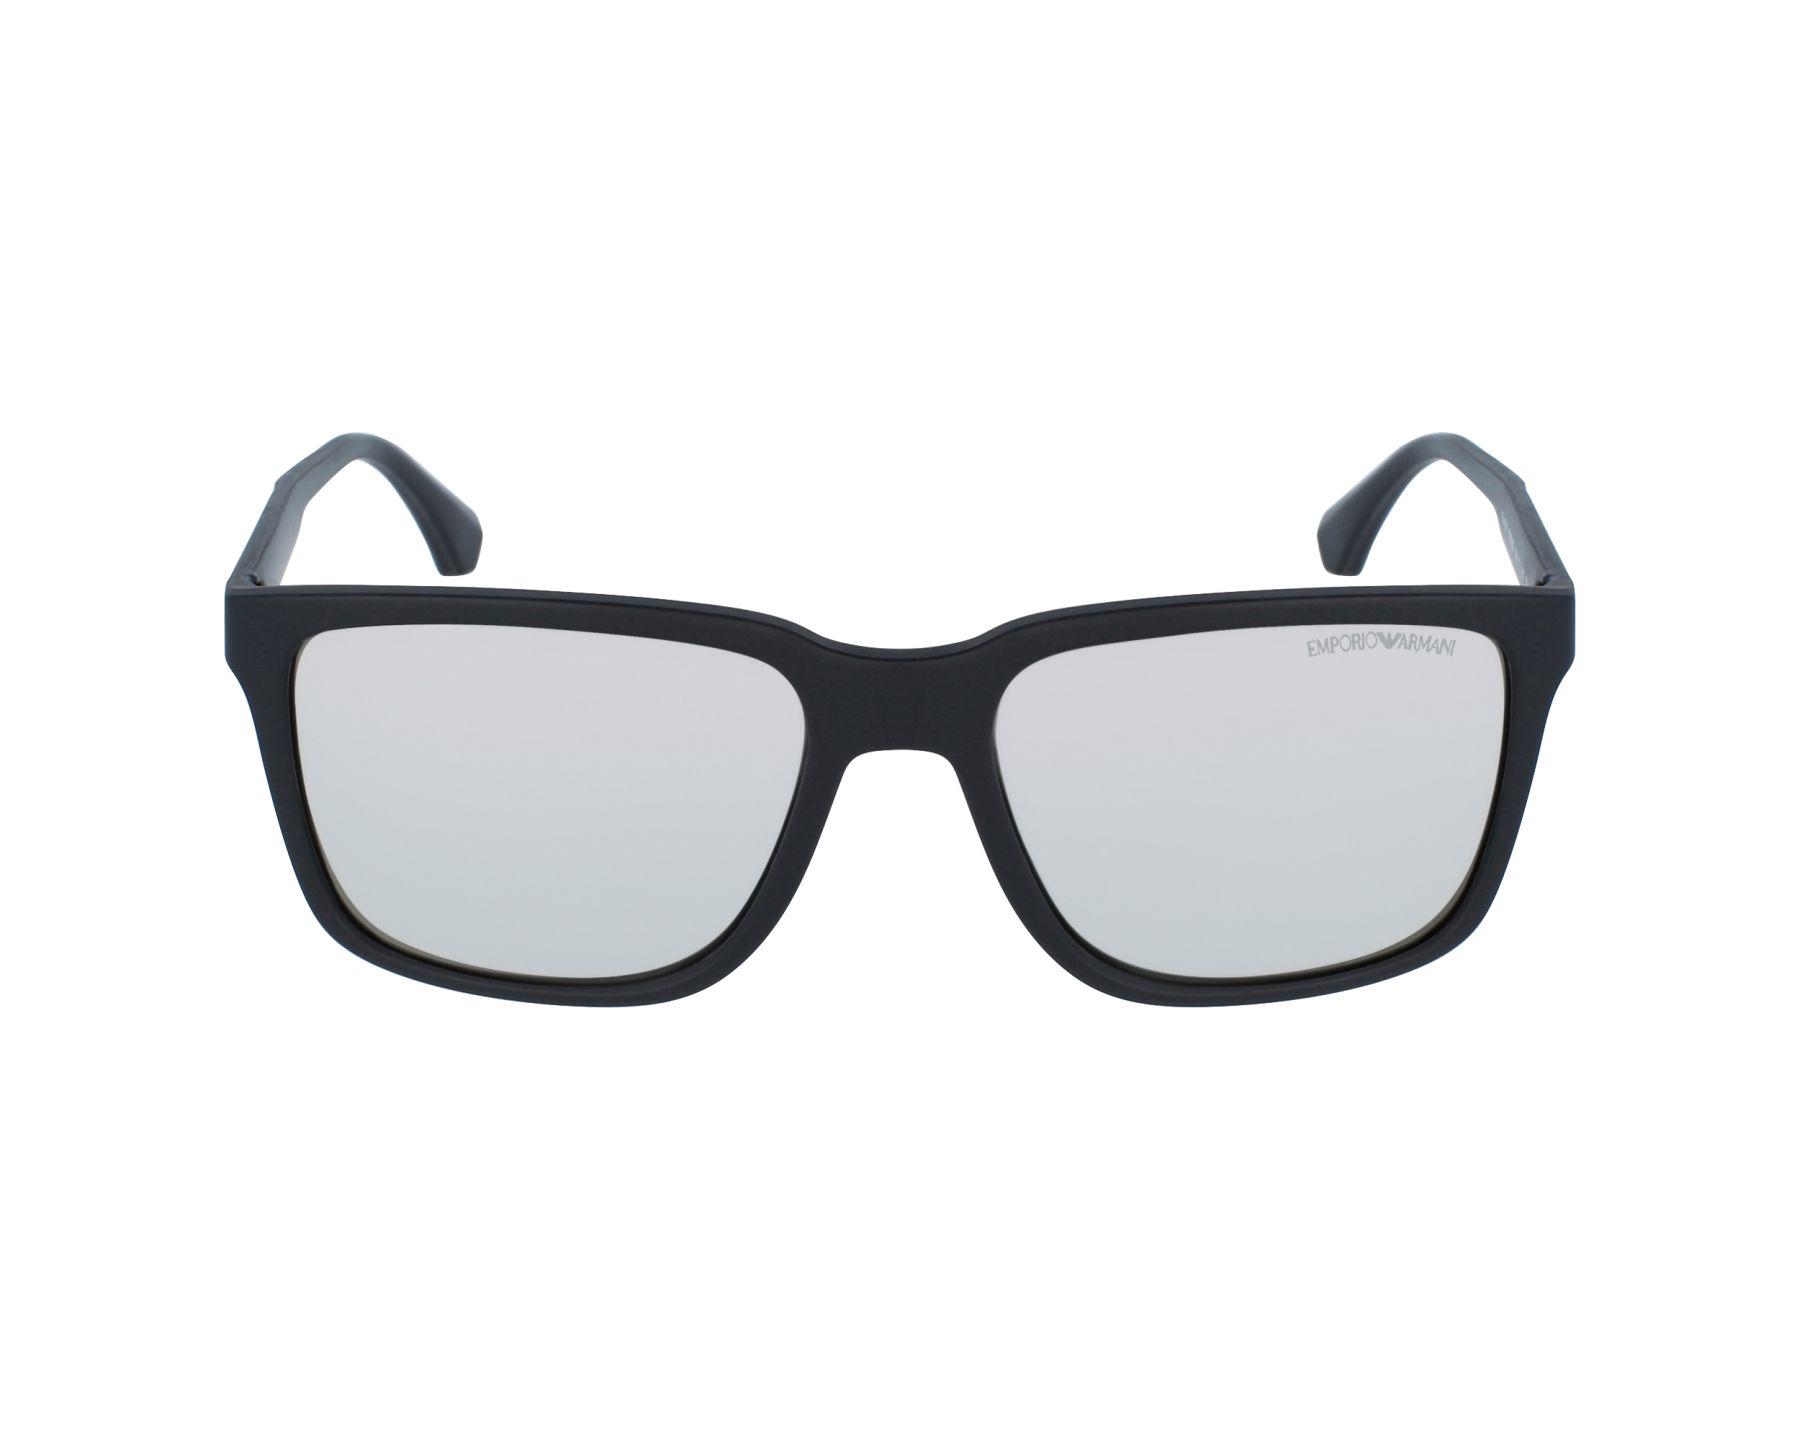 374efd3d2a2f Sunglasses Emporio Armani EA-4047 5063 6G 56-17 Black profile view